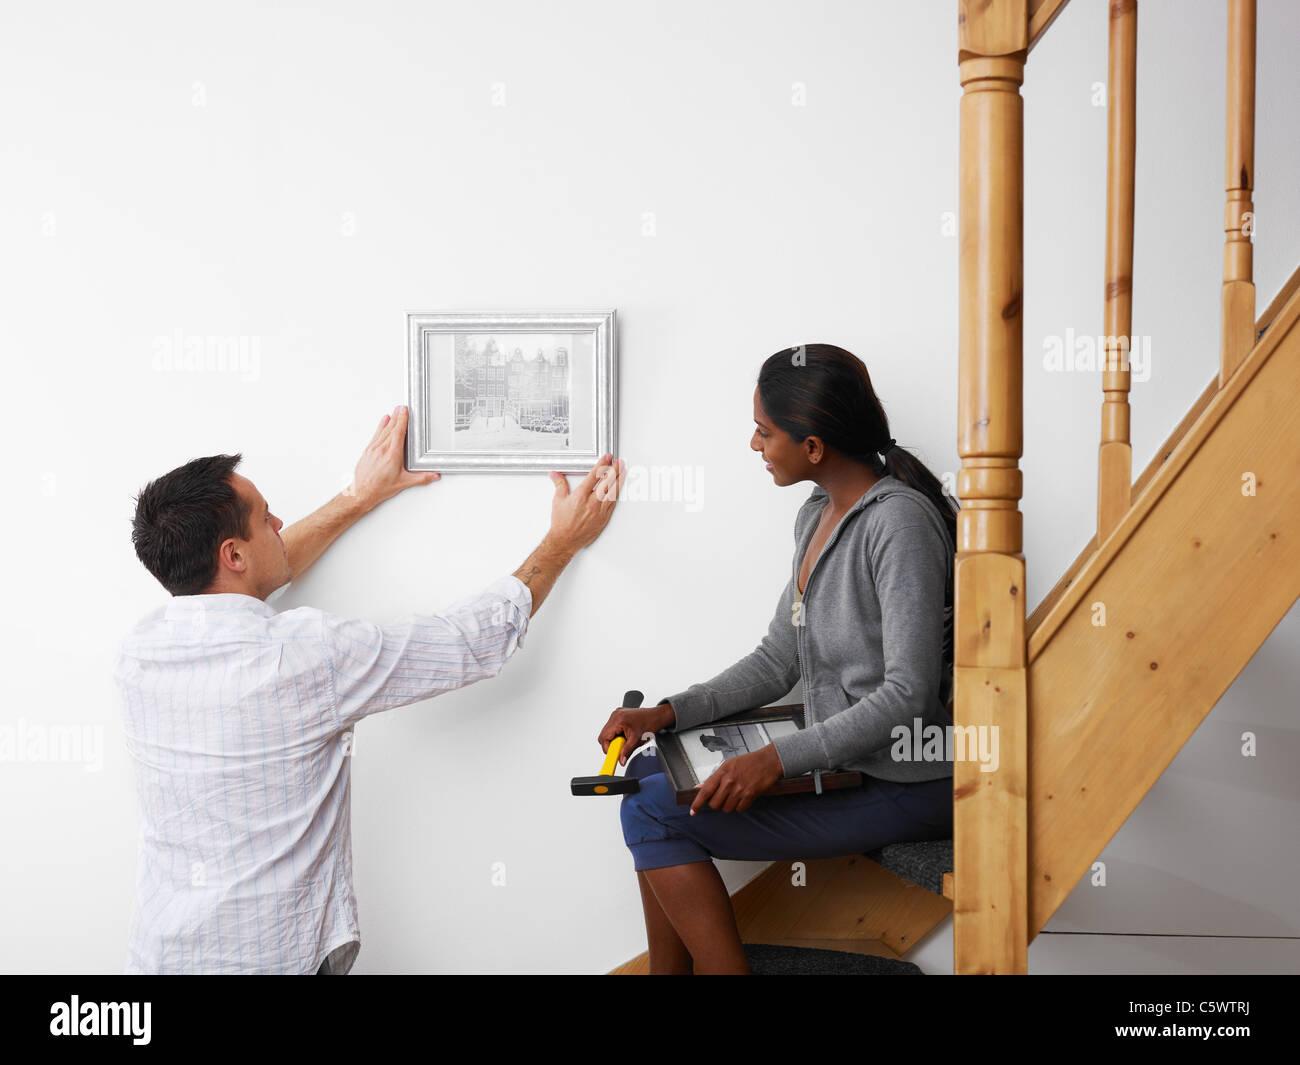 Mitte adult multiethnischen paar Bilder an der Wand aufhängen und lächelnd. Horizontale Form, Textfreiraum Stockbild